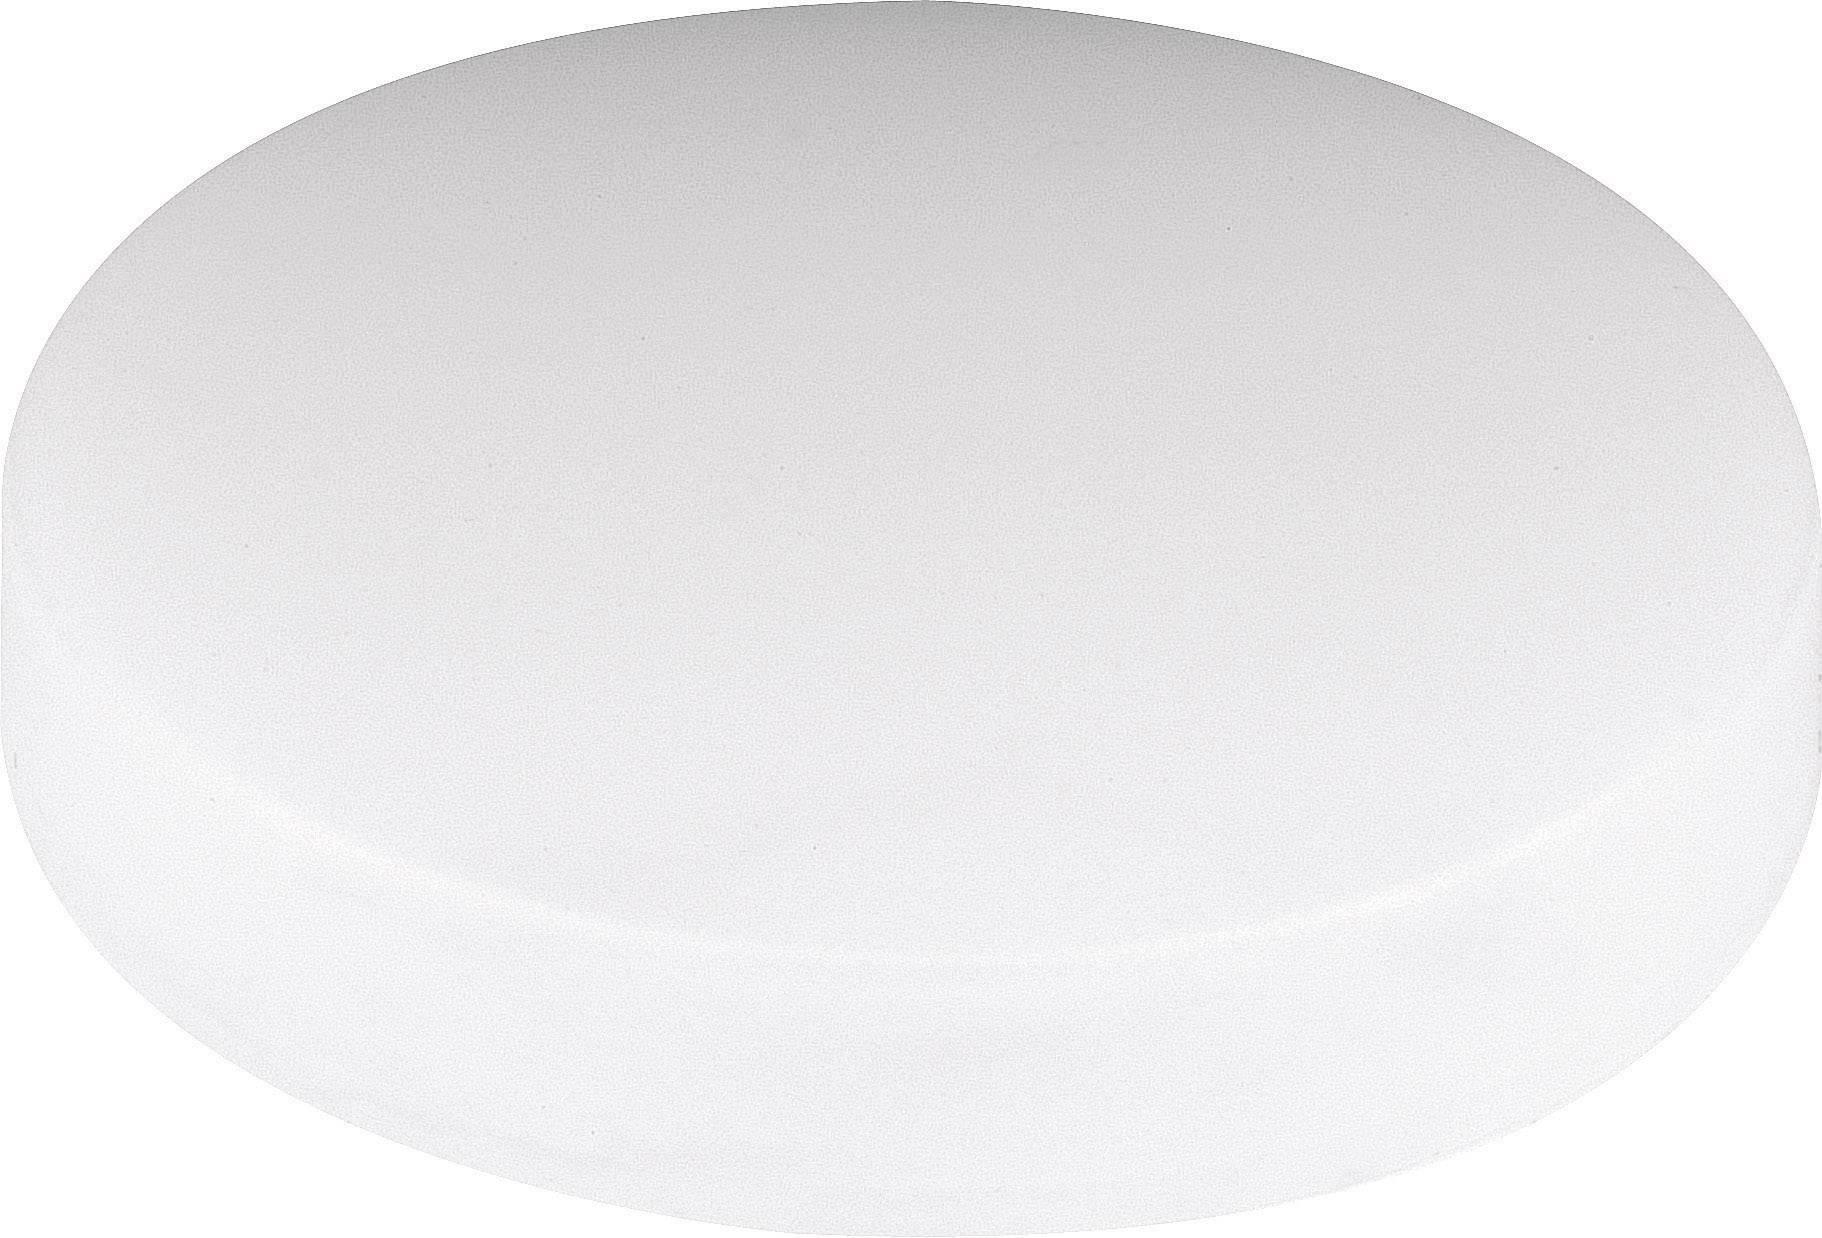 Svetelný poklop Mentor 2451.0800, zelená, vhodný pre reflektor 18 mm